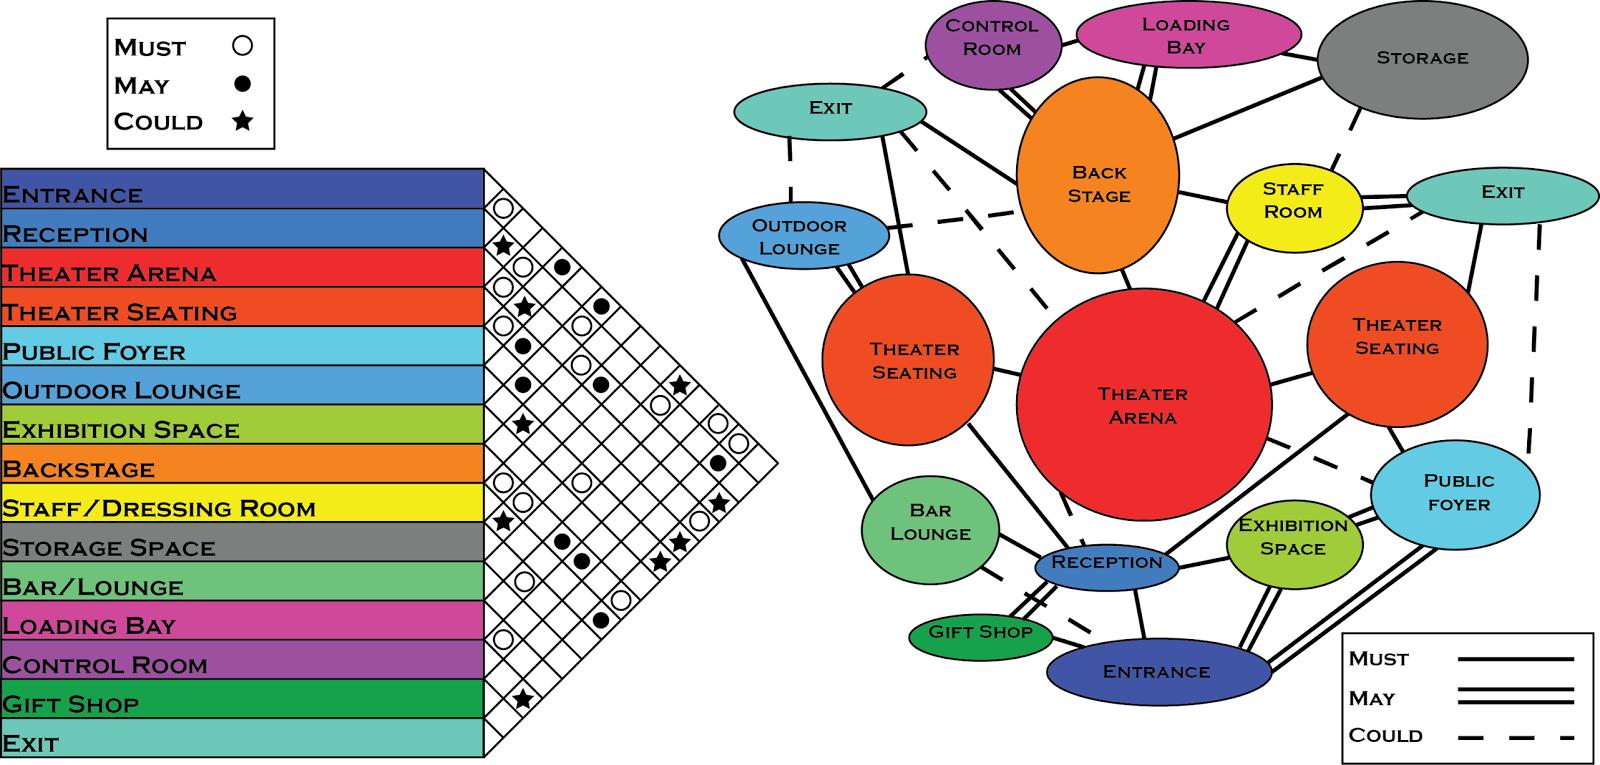 assignment08 07 matrix bubble diagrams [ 1600 x 765 Pixel ]